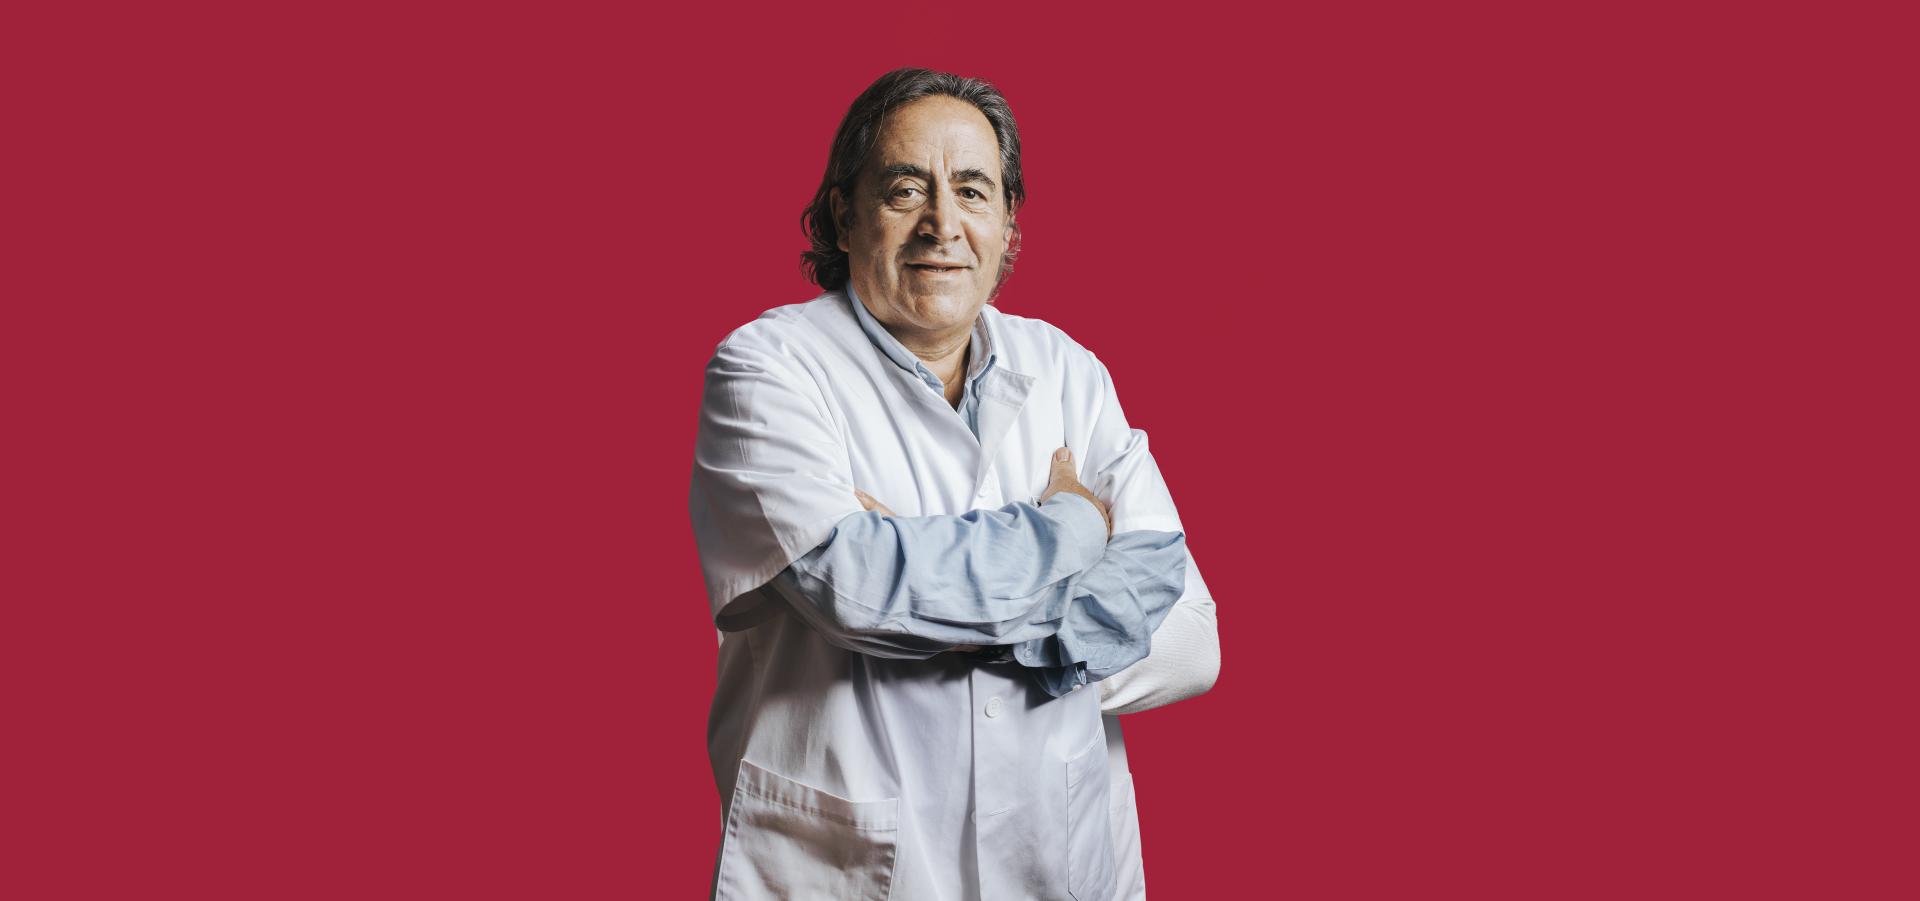 Dr. Francisco Benítez Martín